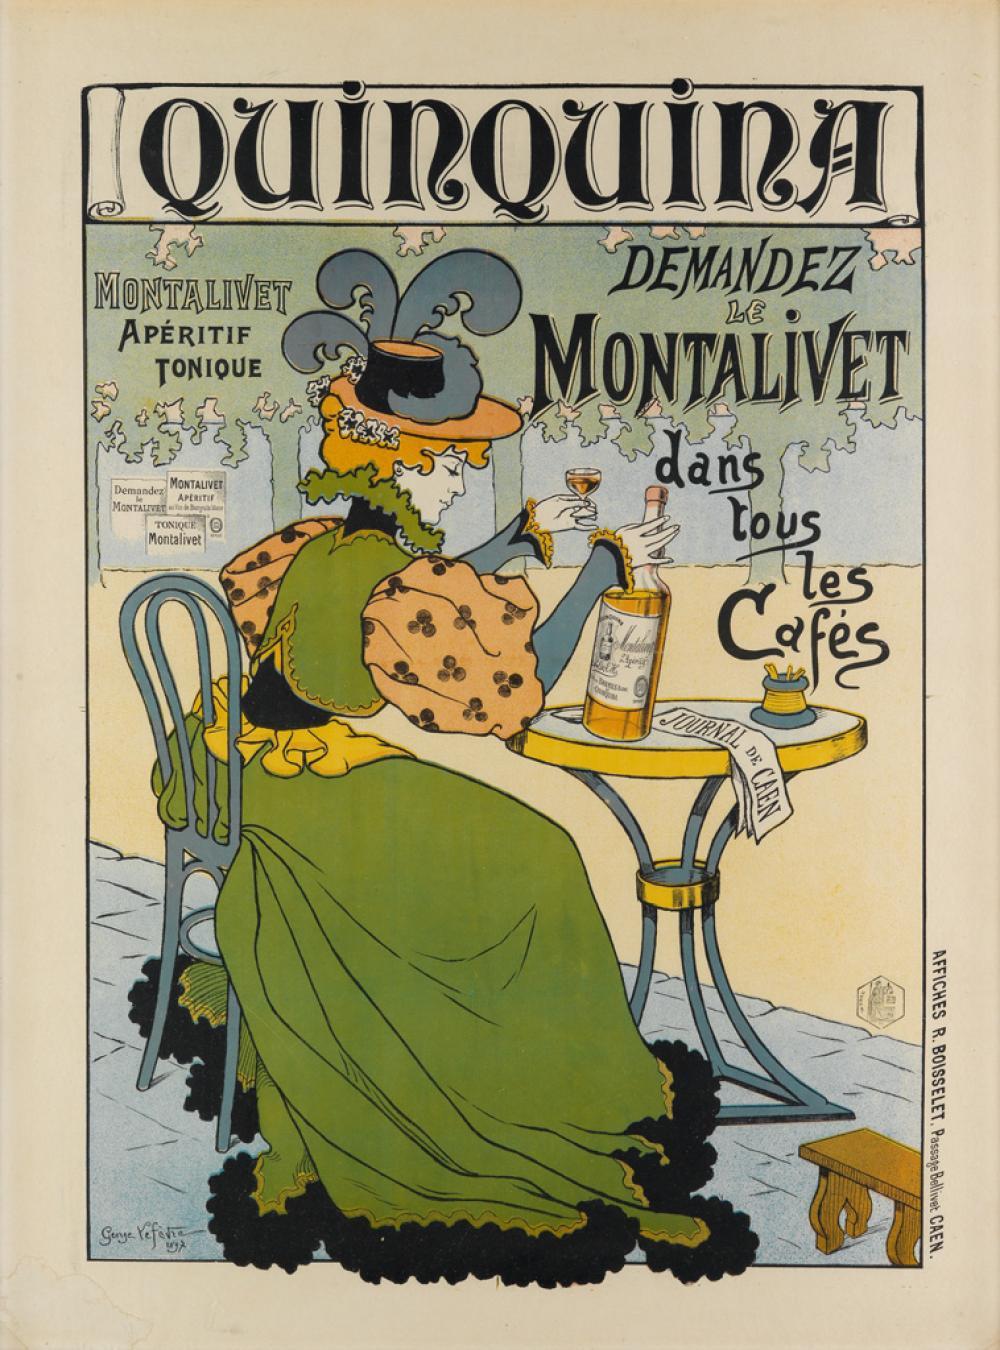 GEORGE LEFÈVRE (1876-1953). QUINQUINA / DEMANDEZ LE MONTALIVET DANS TOUS LES CAFÉS. 1897. 33x25 inches, 83x63 cm. Affiches R. Boisselet